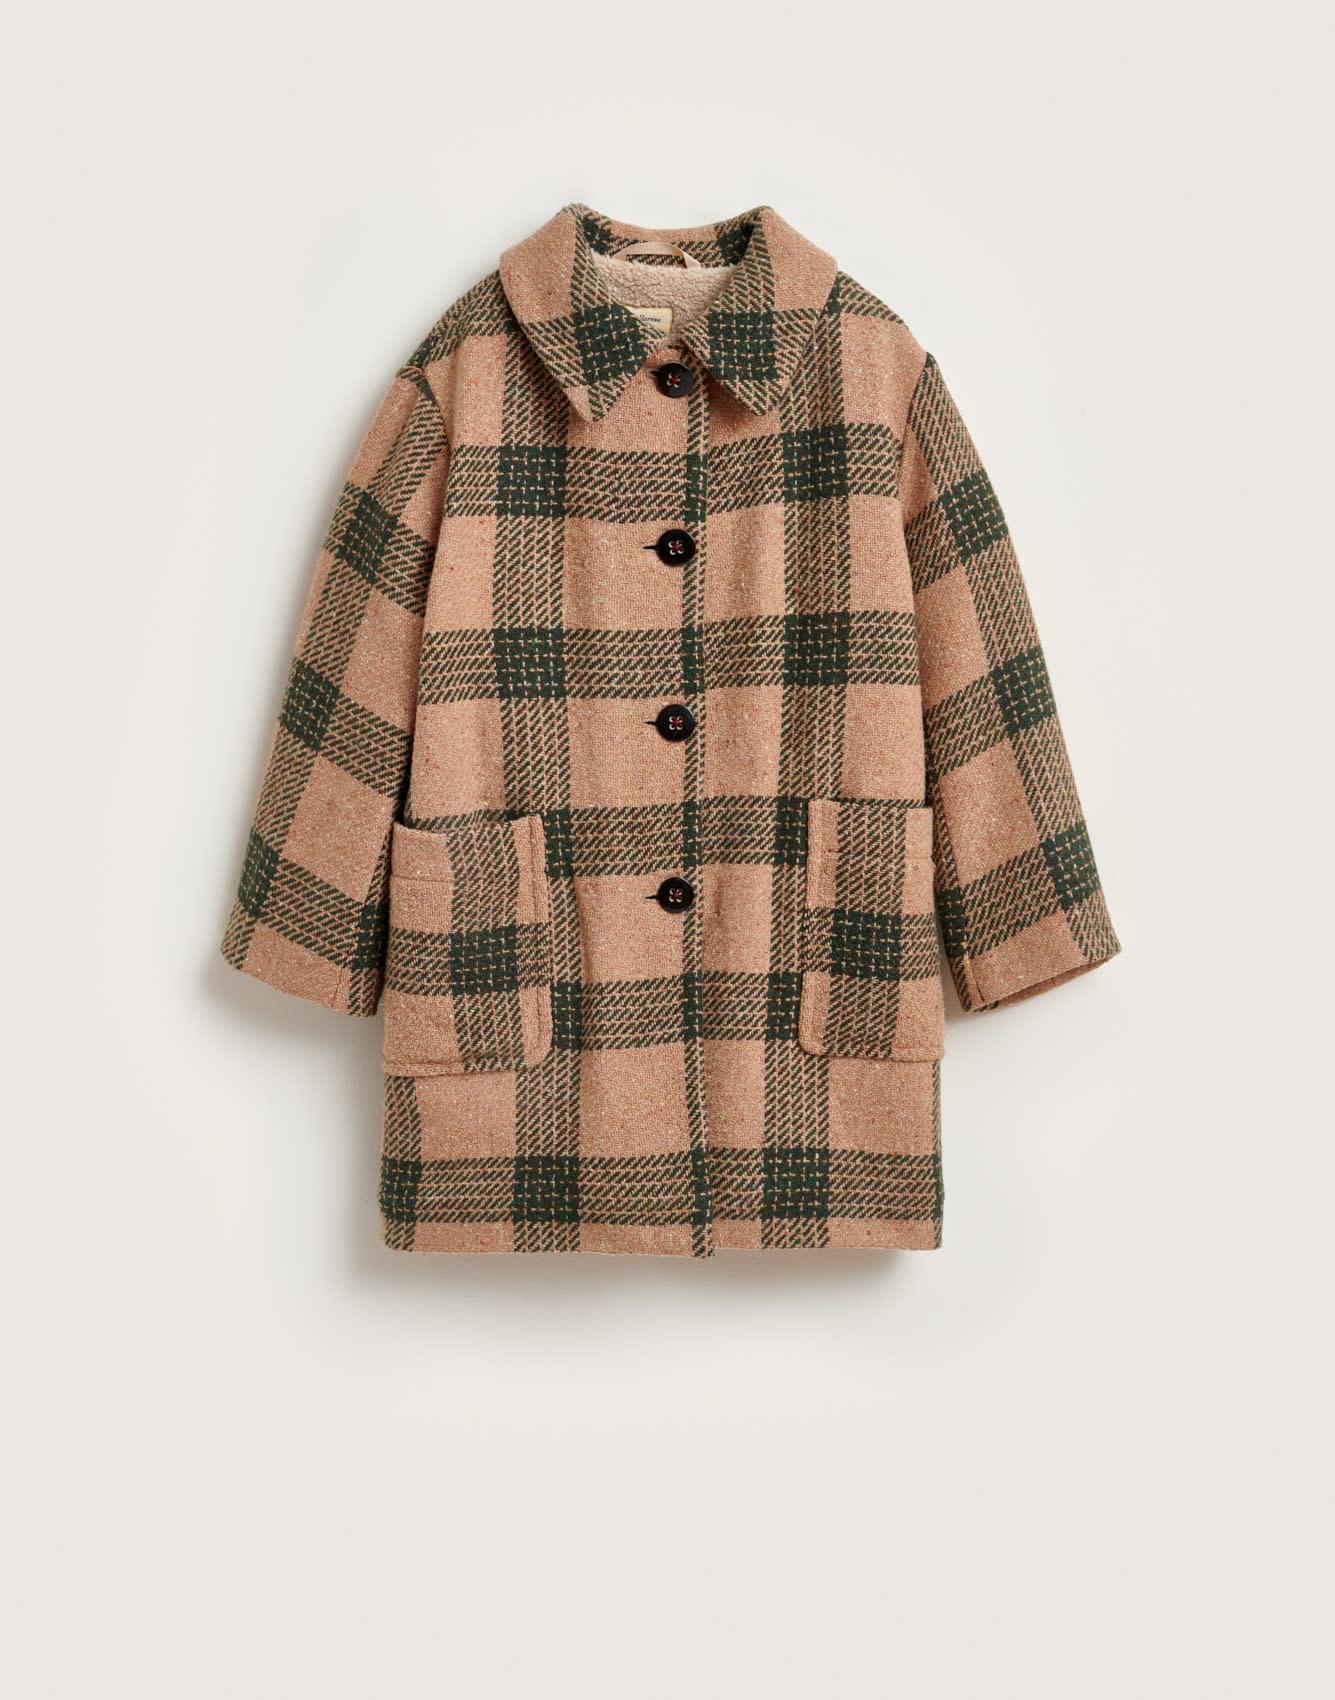 Coat craft check teens-1